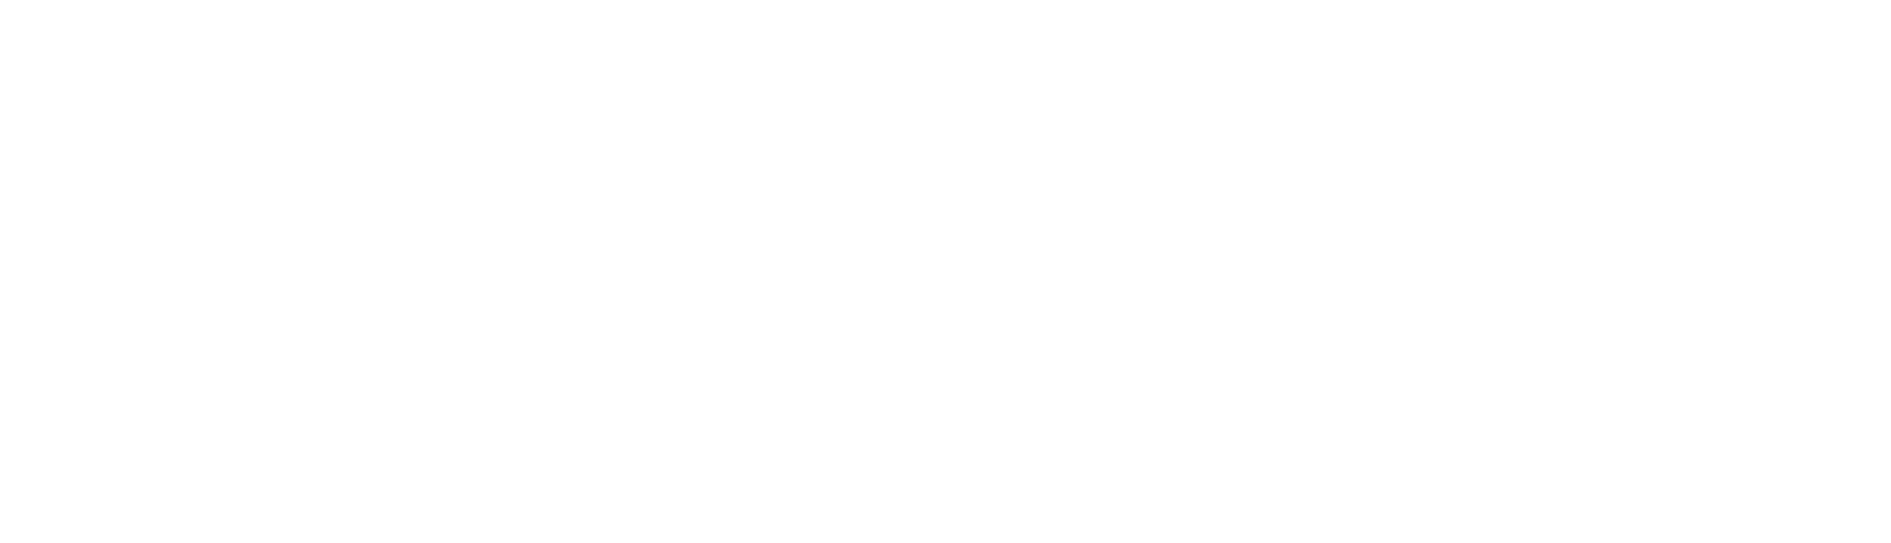 Autohaus Car Selection Lenzenweger in Engerwitzdorf OÖ | Ihr Fachmann für Reparatur, Service, Wartung, Karosserie, Lackierungen, Autoglas, Ersatzteil- und Zubehör, Versicherungsschäden, Neu- & Gebrauchtfahrzeuge.